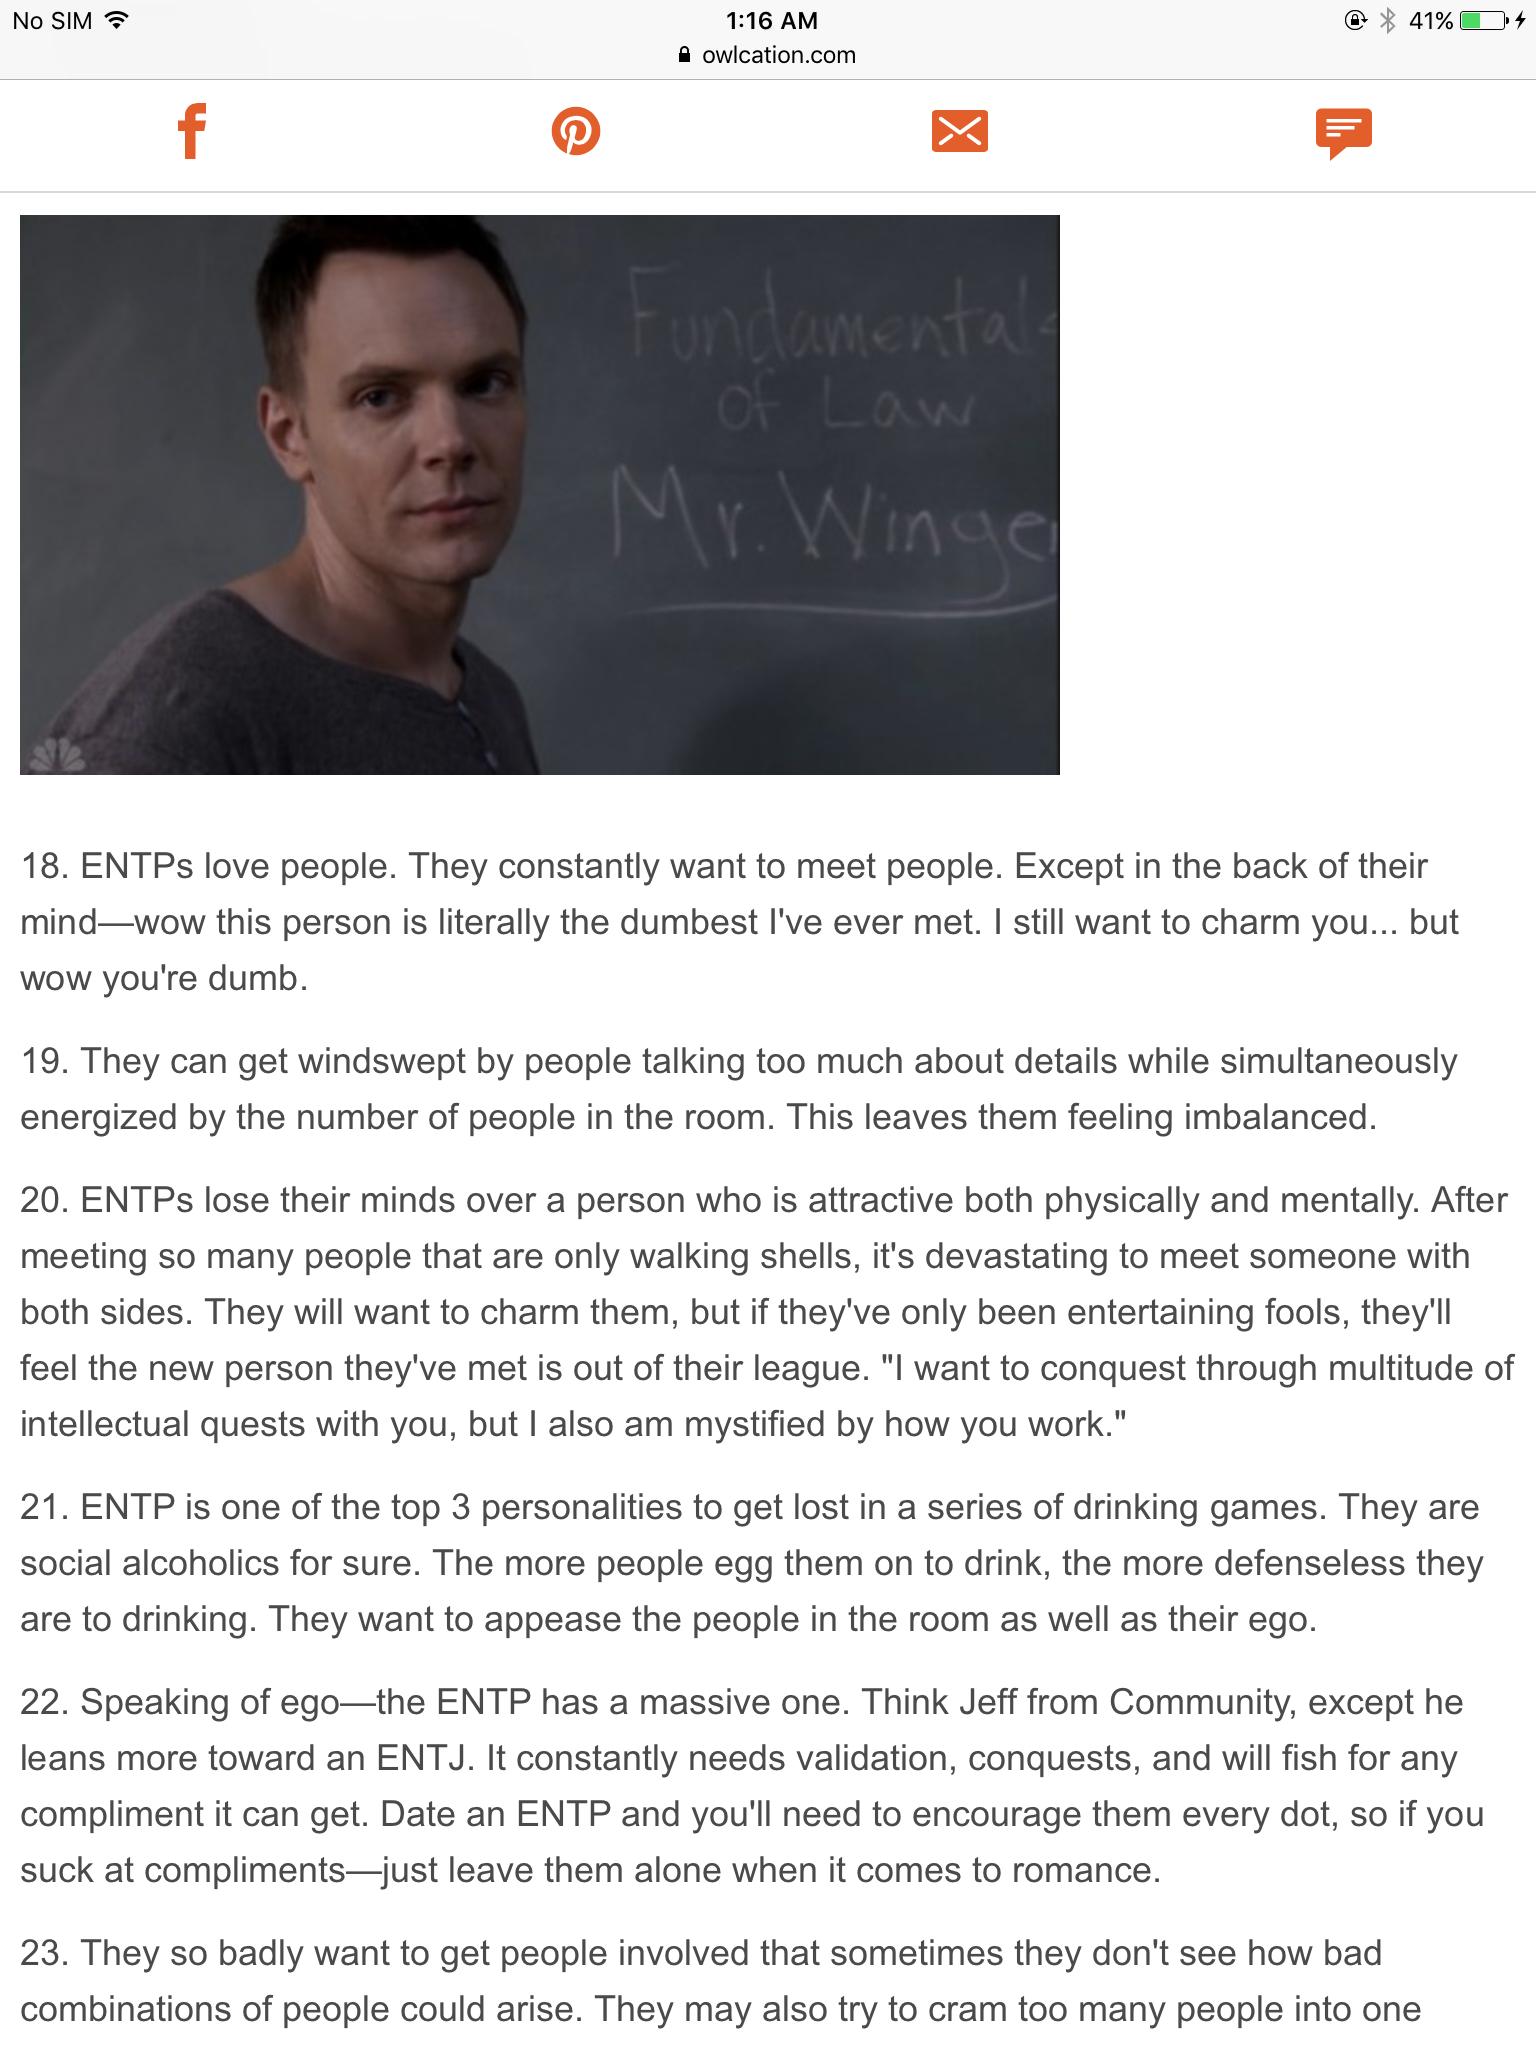 Pin by Thomas Maher on ENTP/ENTJ/MBTI | Entp, Entj, MBTI